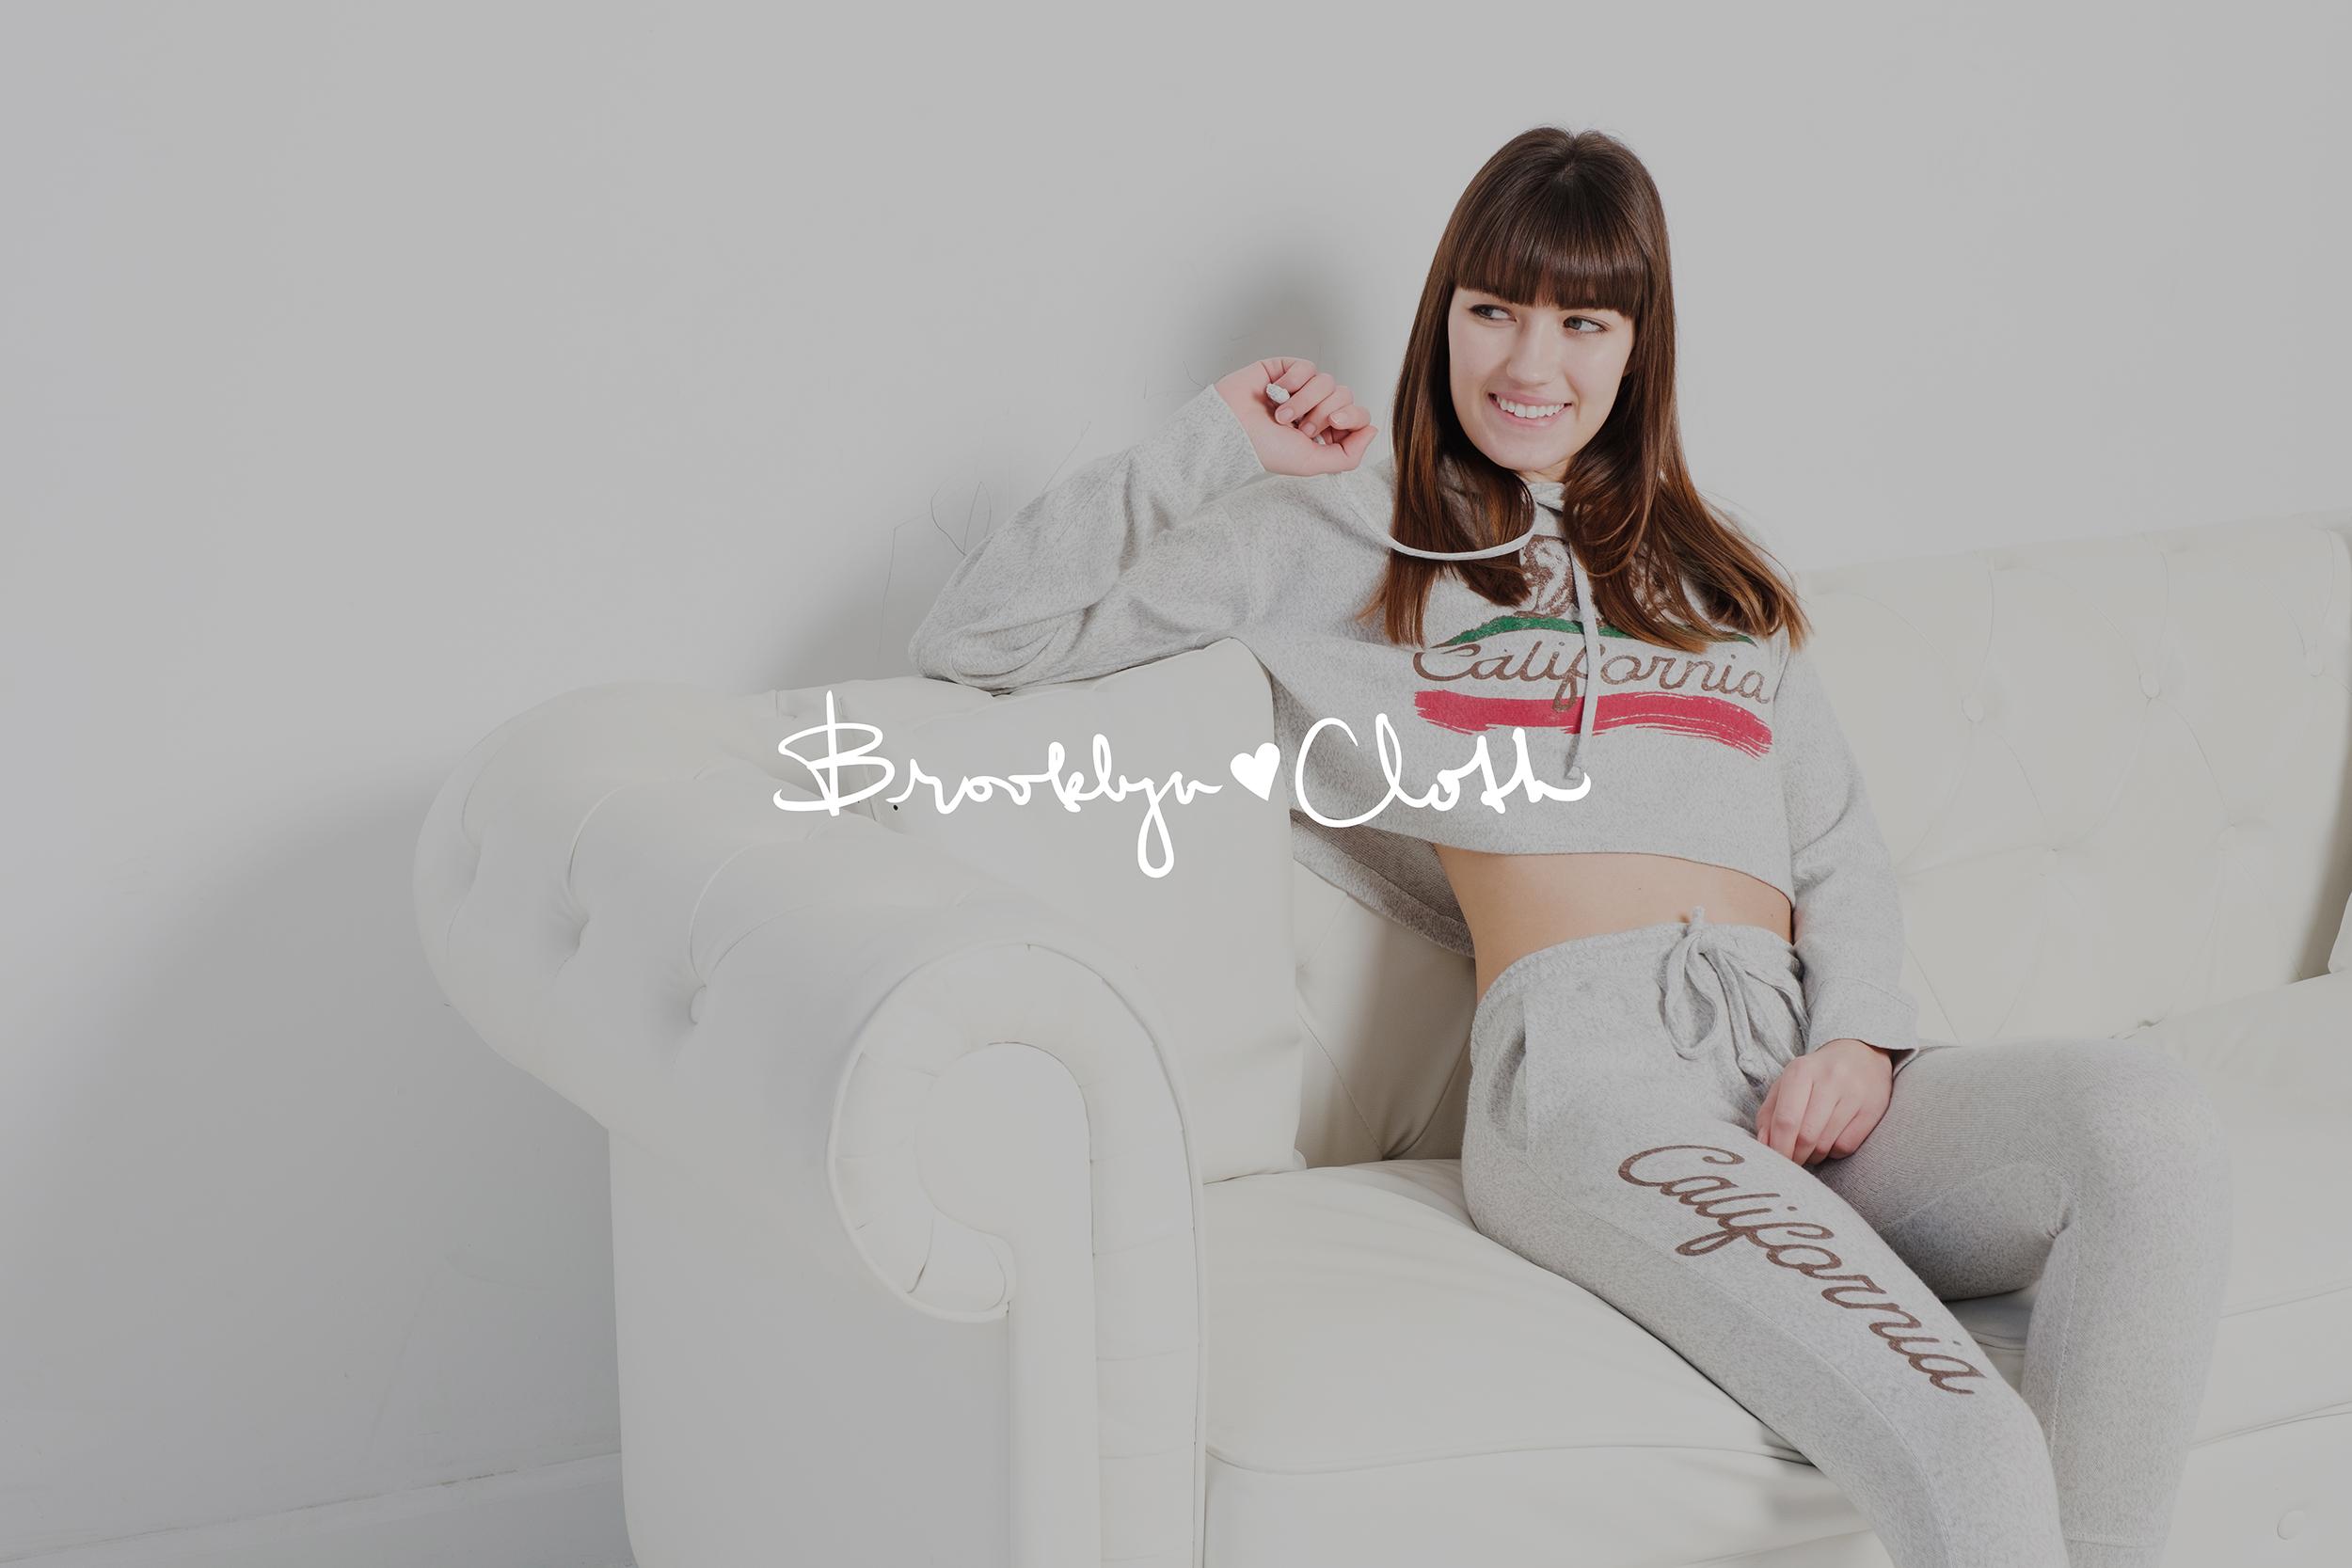 BKWomens_Banner.jpg